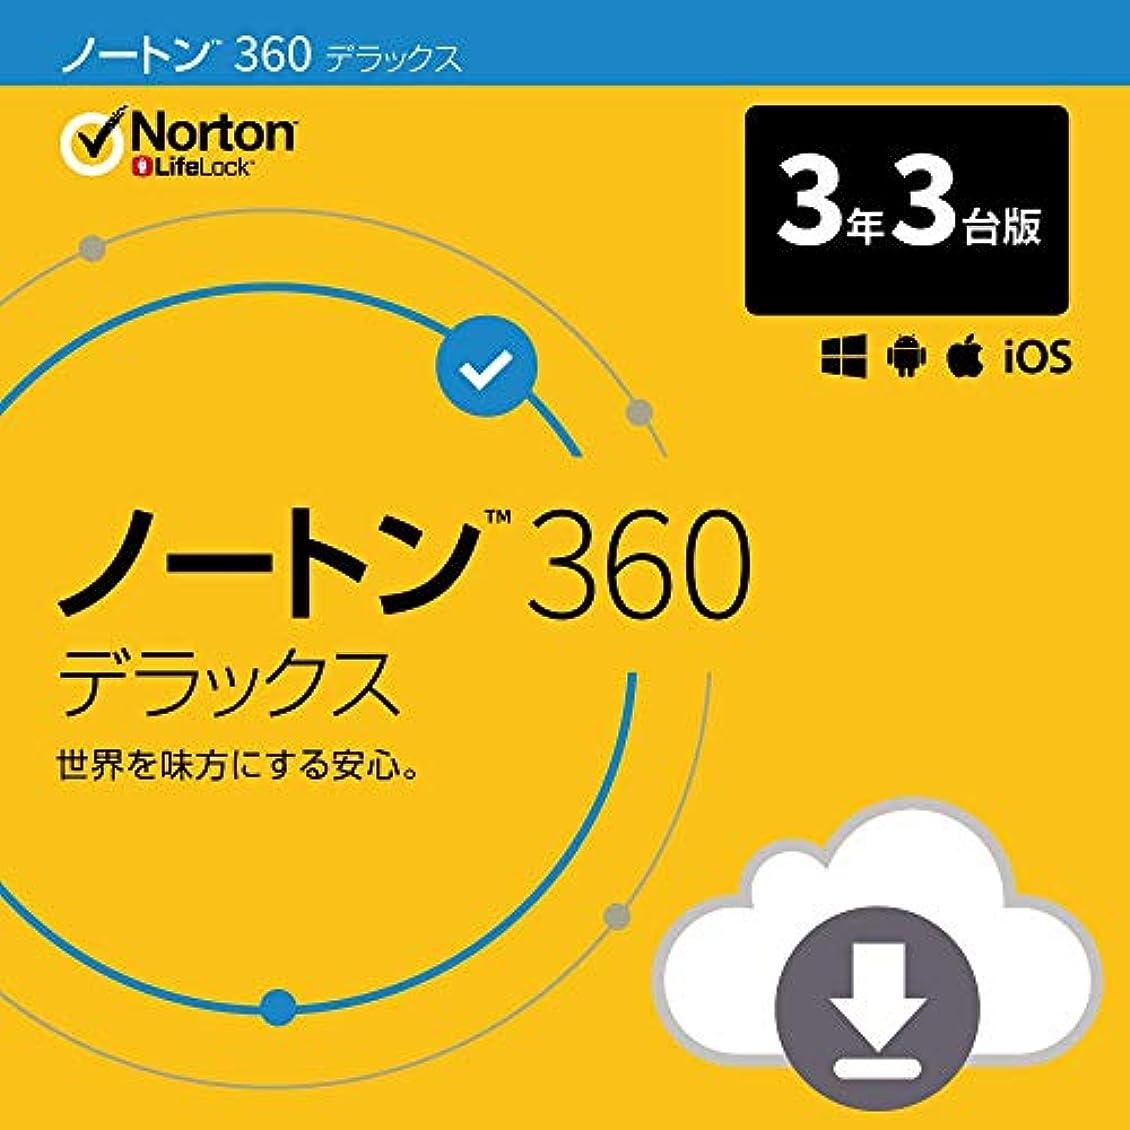 精神天国入手しますノートン 360 デラックス セキュリティソフト(最新)|3年3台版|オンラインコード版|Win/Mac/iOS/Android対応